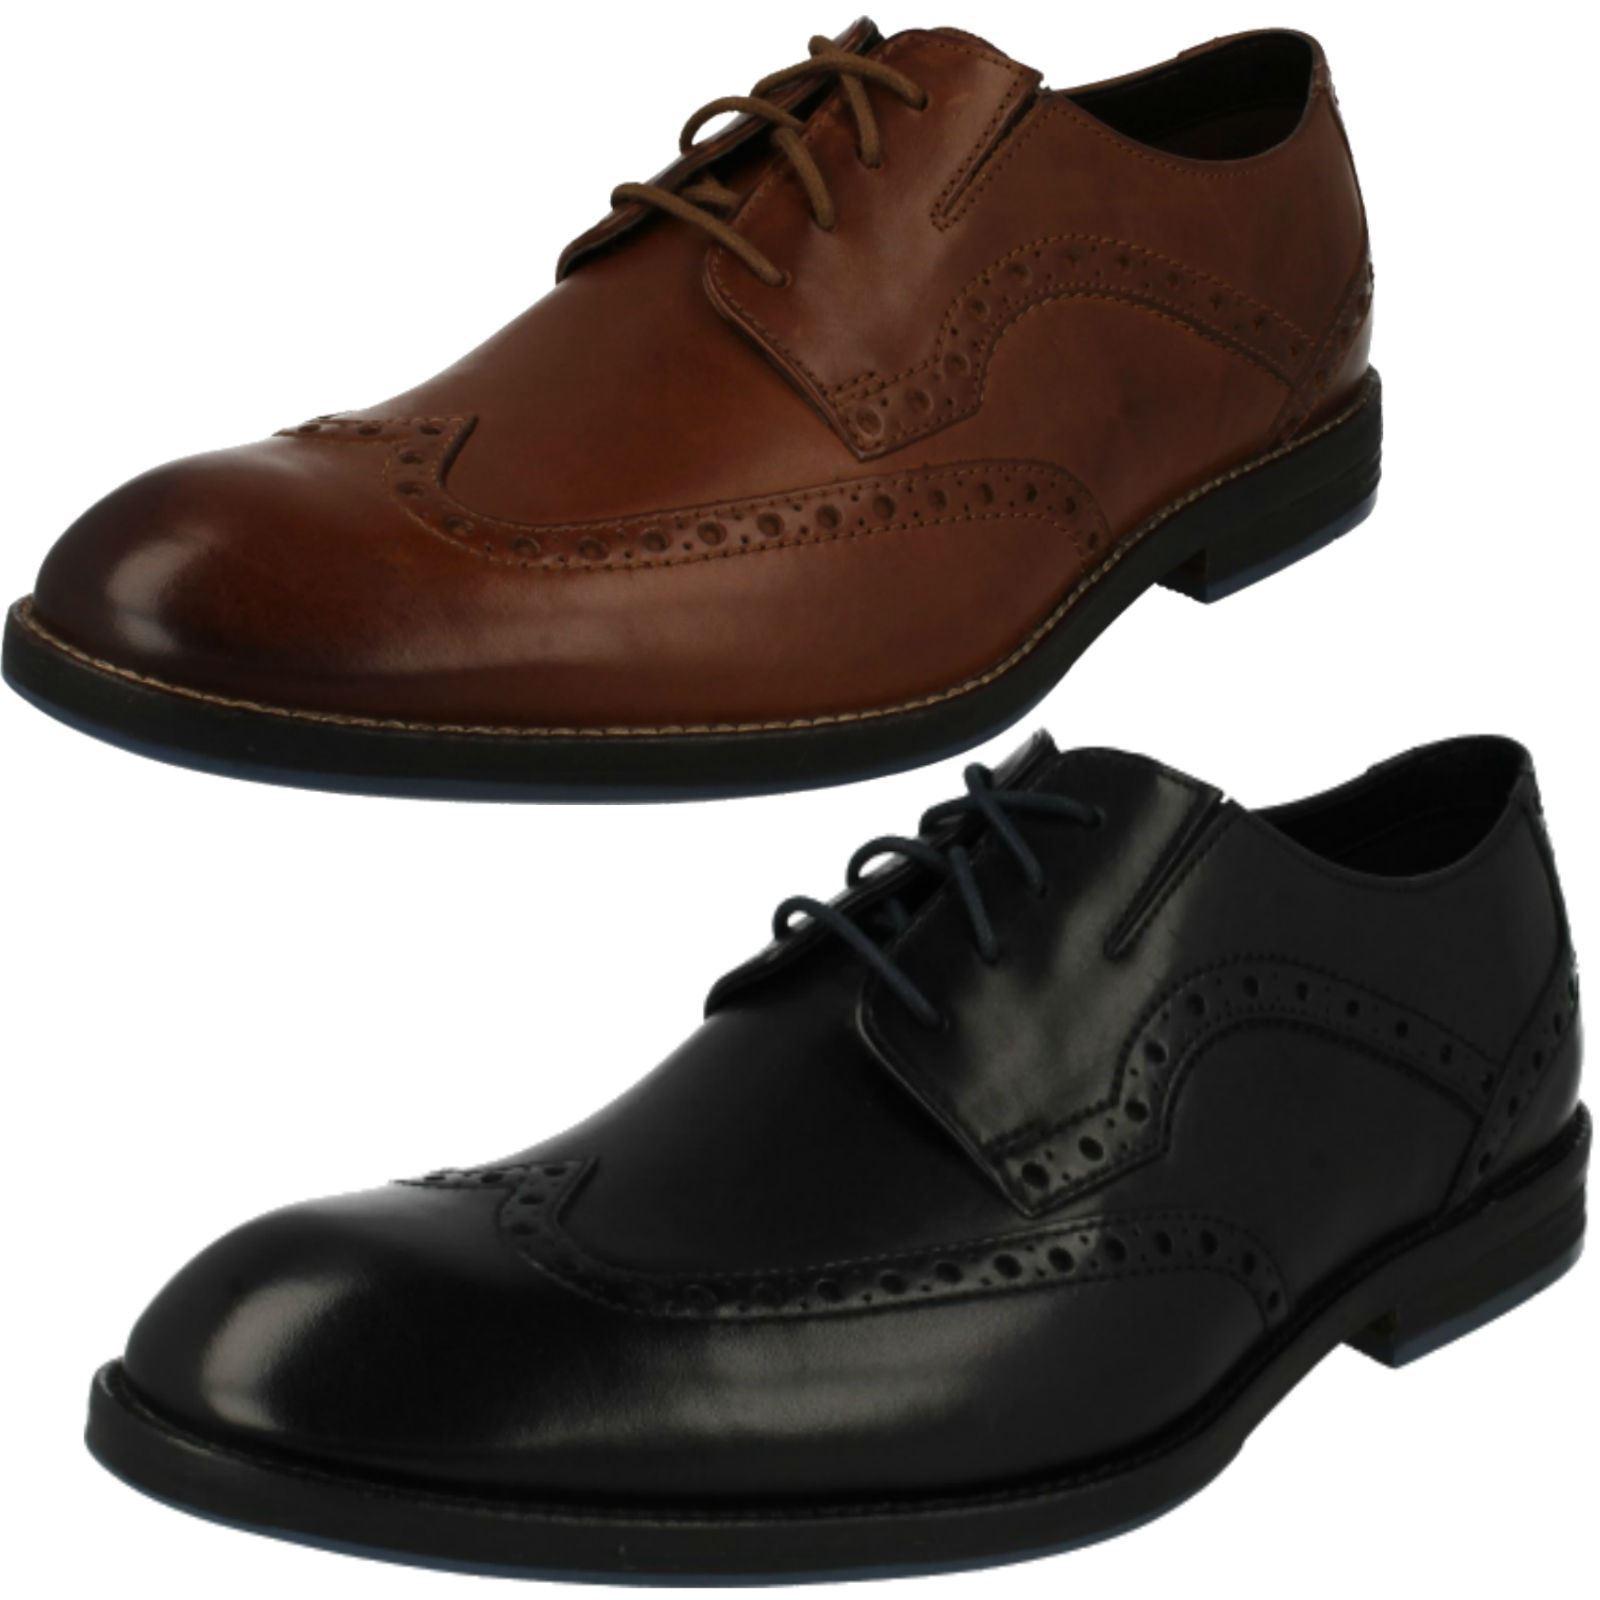 Mens Clarks Prangley Limit Smart Leather Lace  Up scarpe G Fitting  prezzi bassi di tutti i giorni